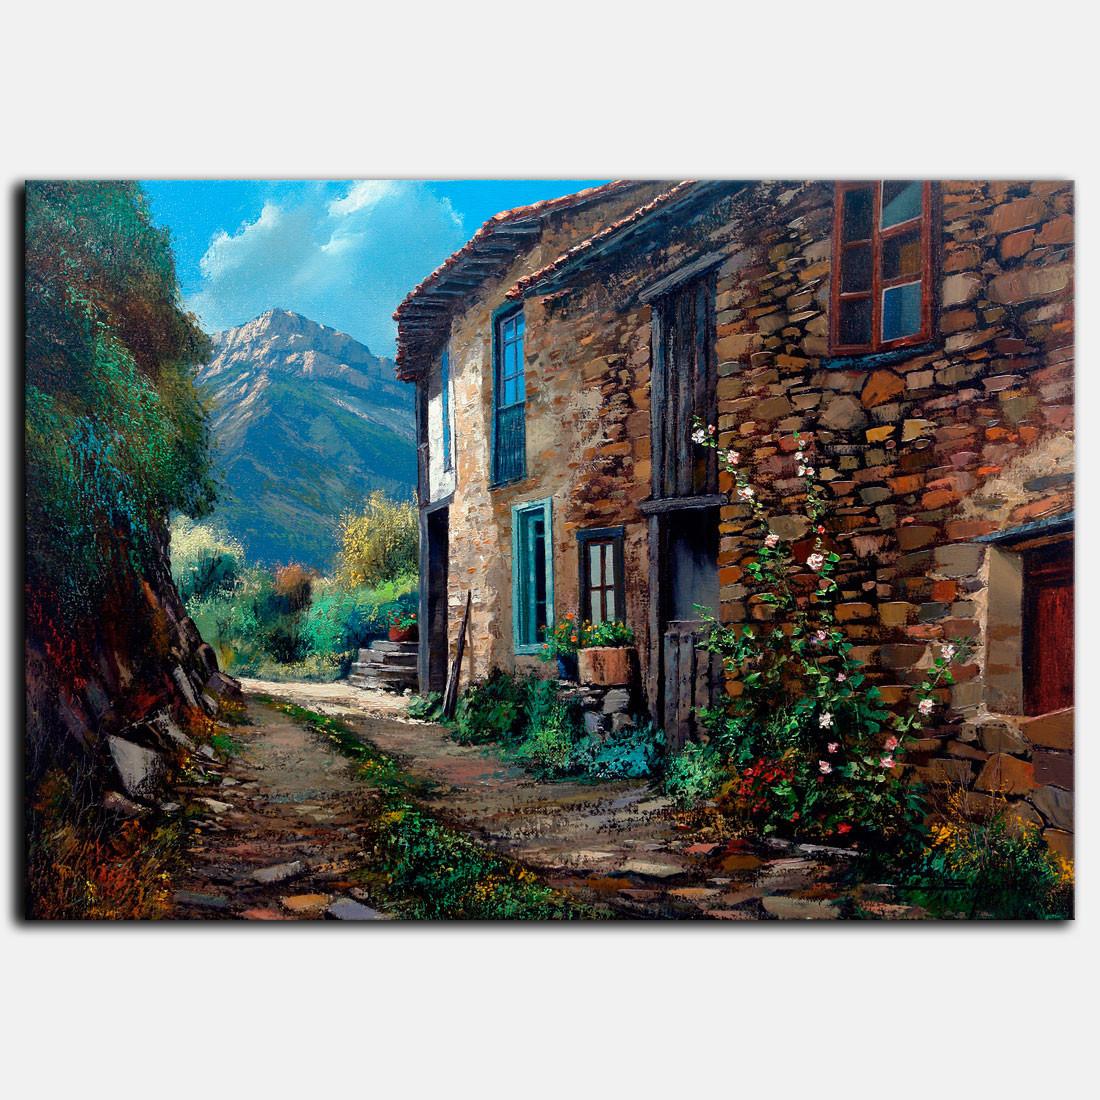 Cuadro paisaje-Asturias